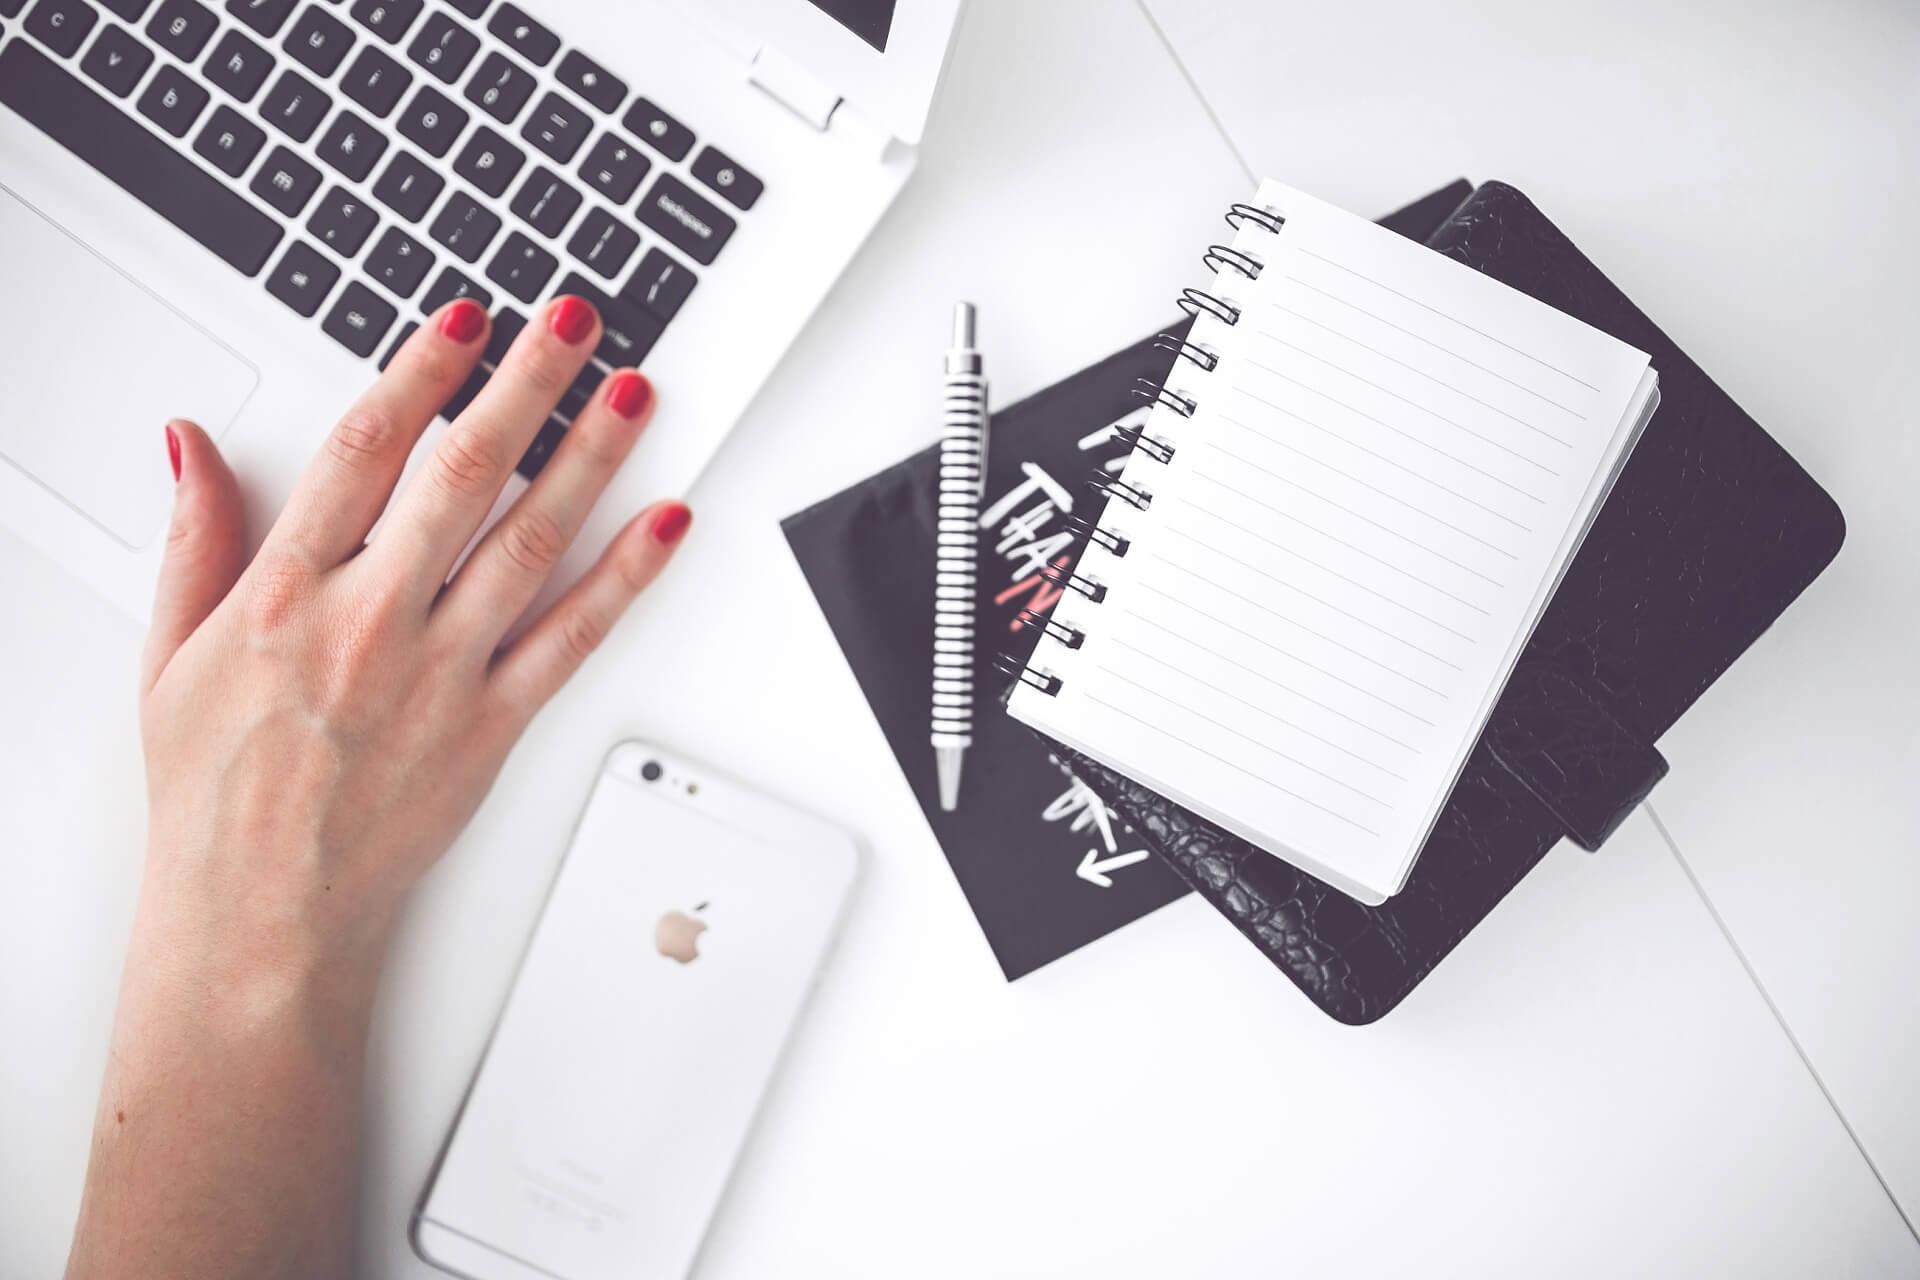 Bureau avec un ordinateur, un carnet de notes et un iPhone